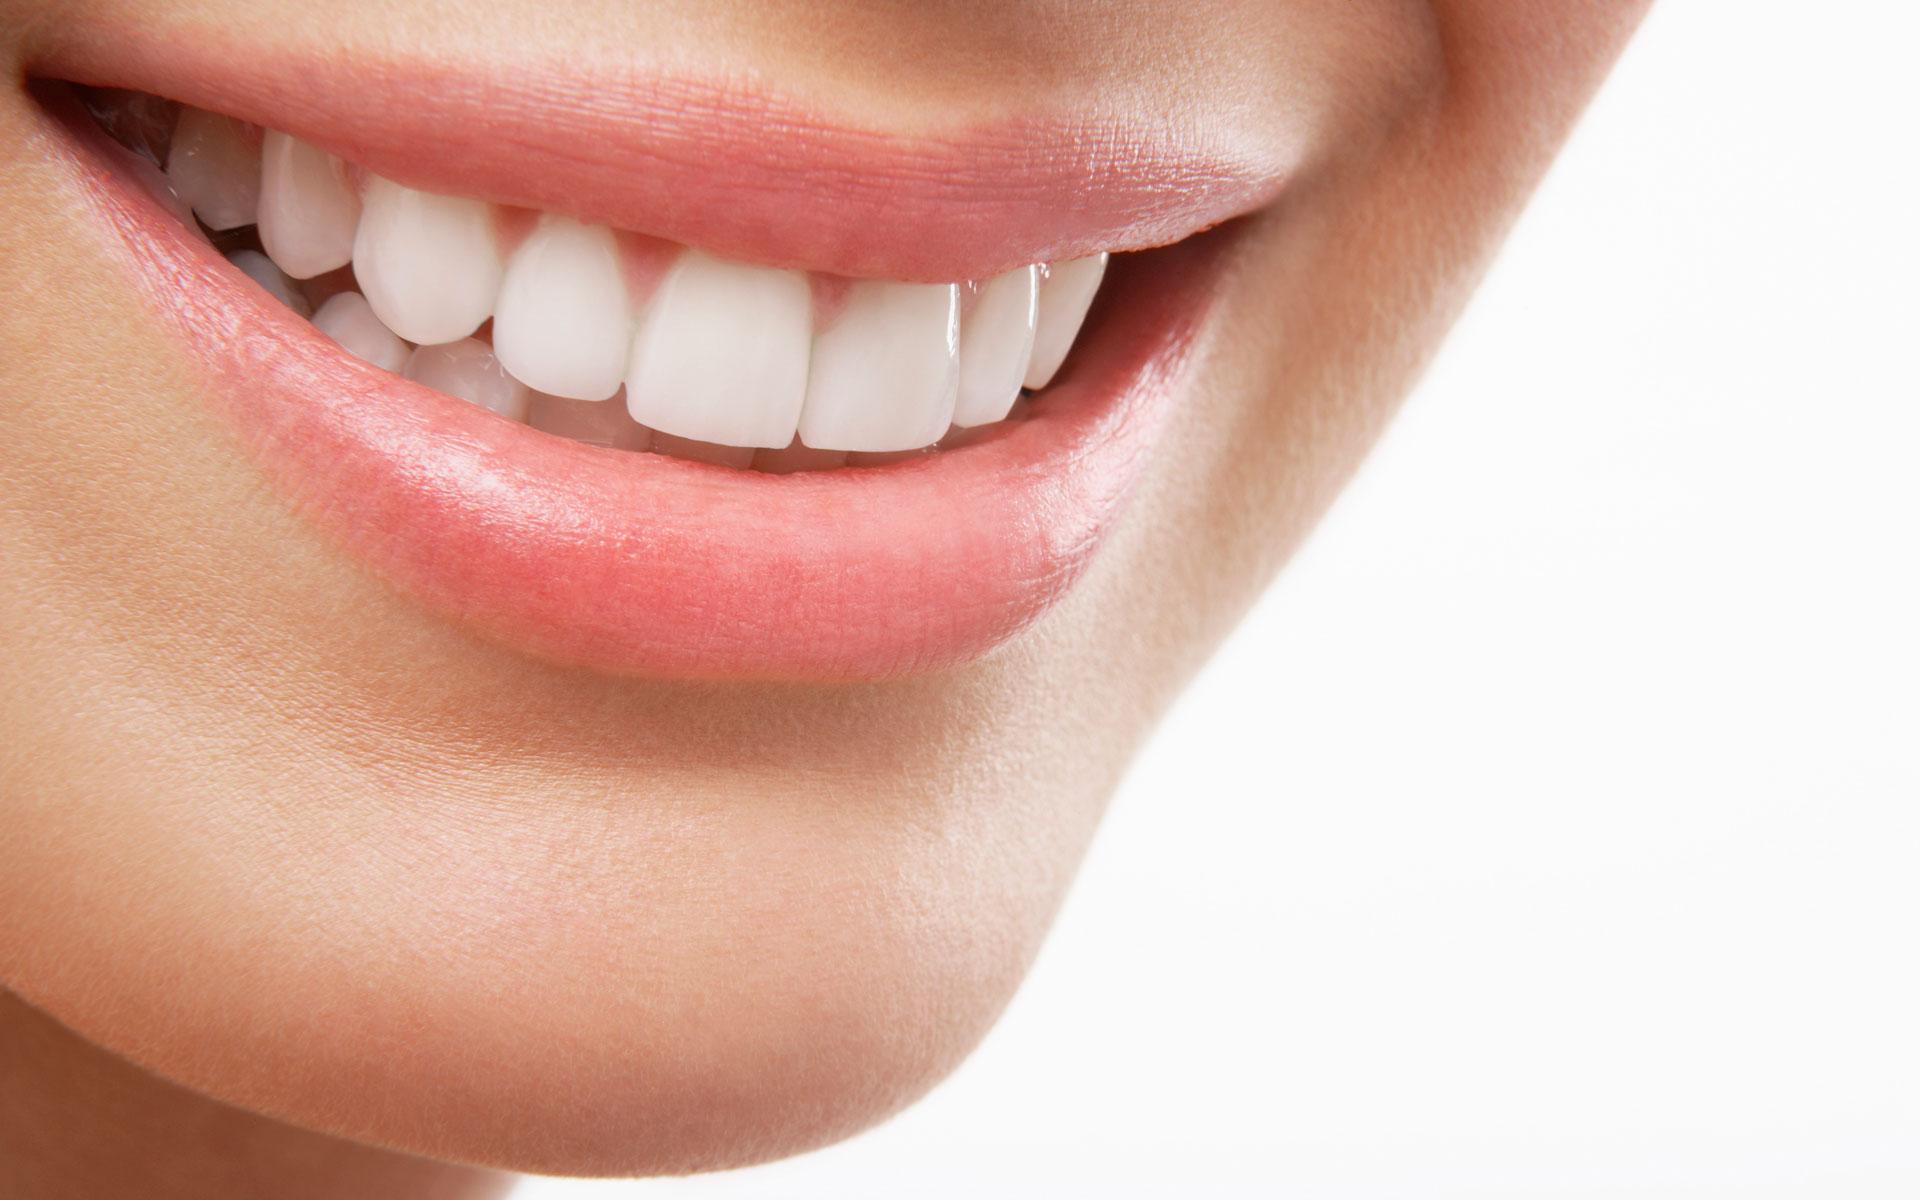 Veneers Downey - Your Downey Dentist